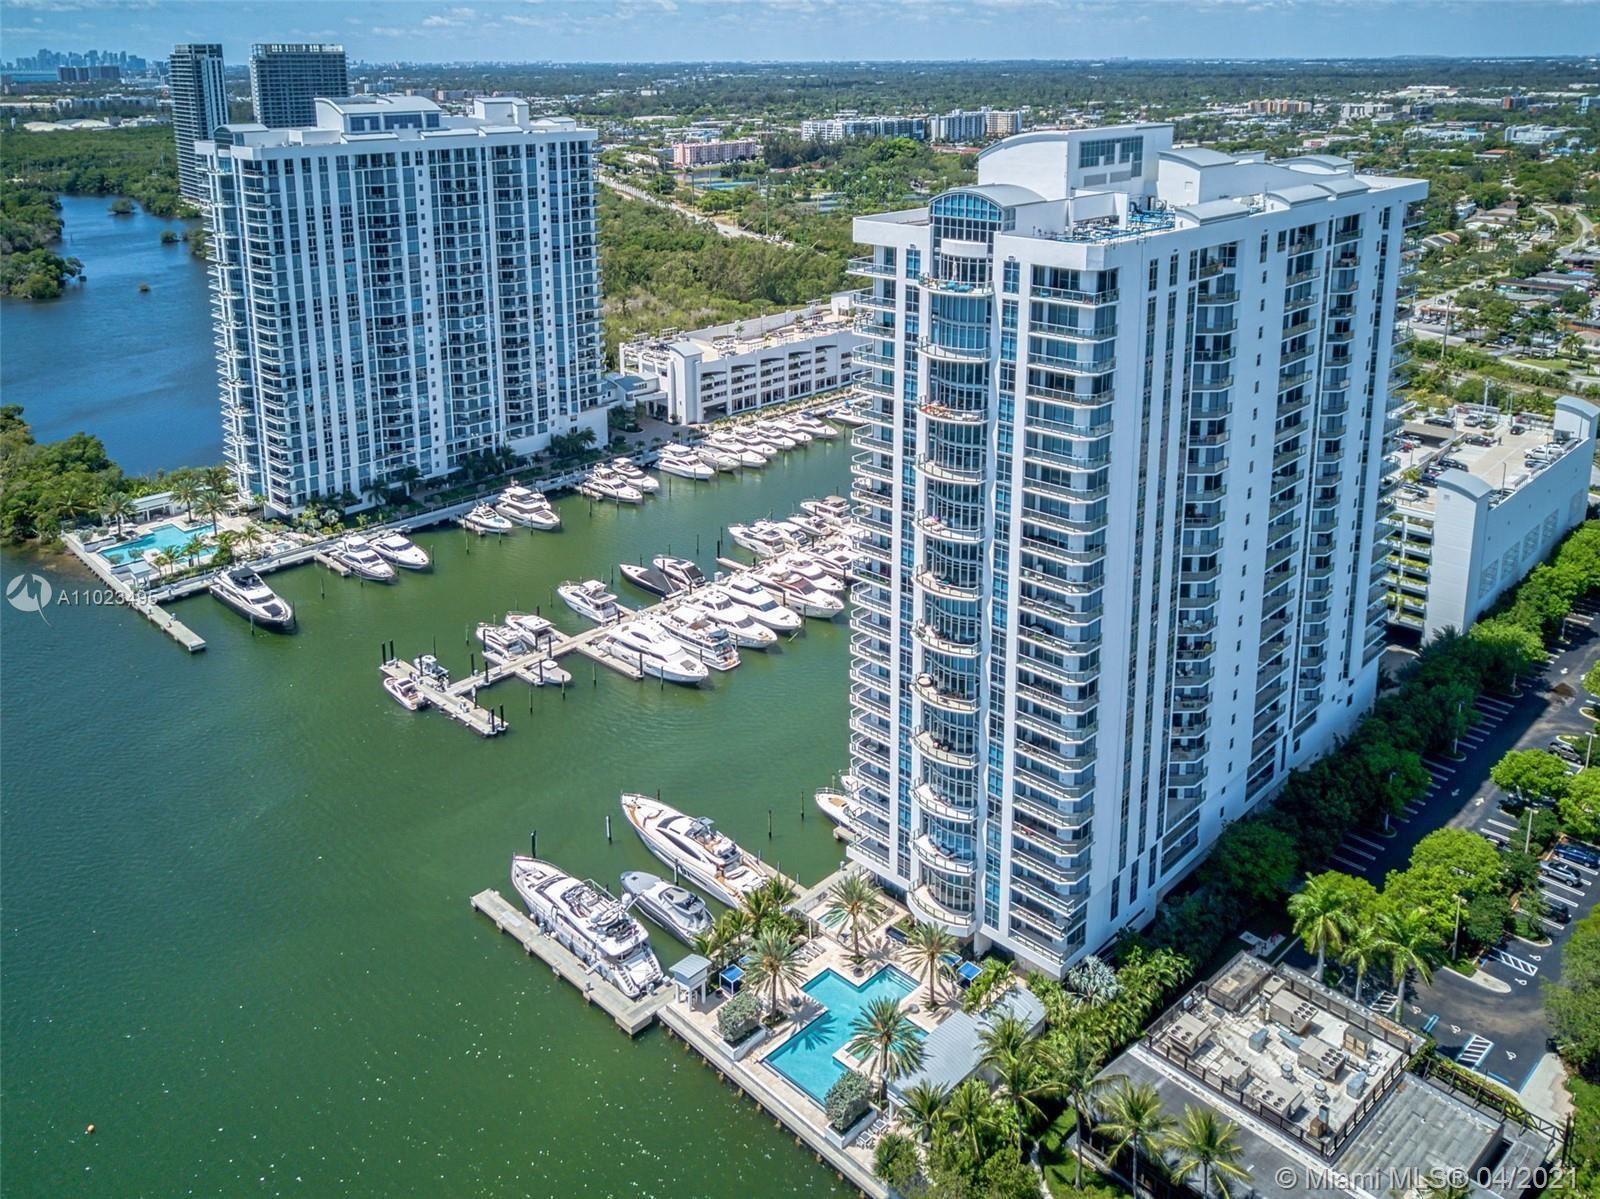 17301 Biscayne Blvd #1209, North Miami Beach, FL 33160 - #: A11023495